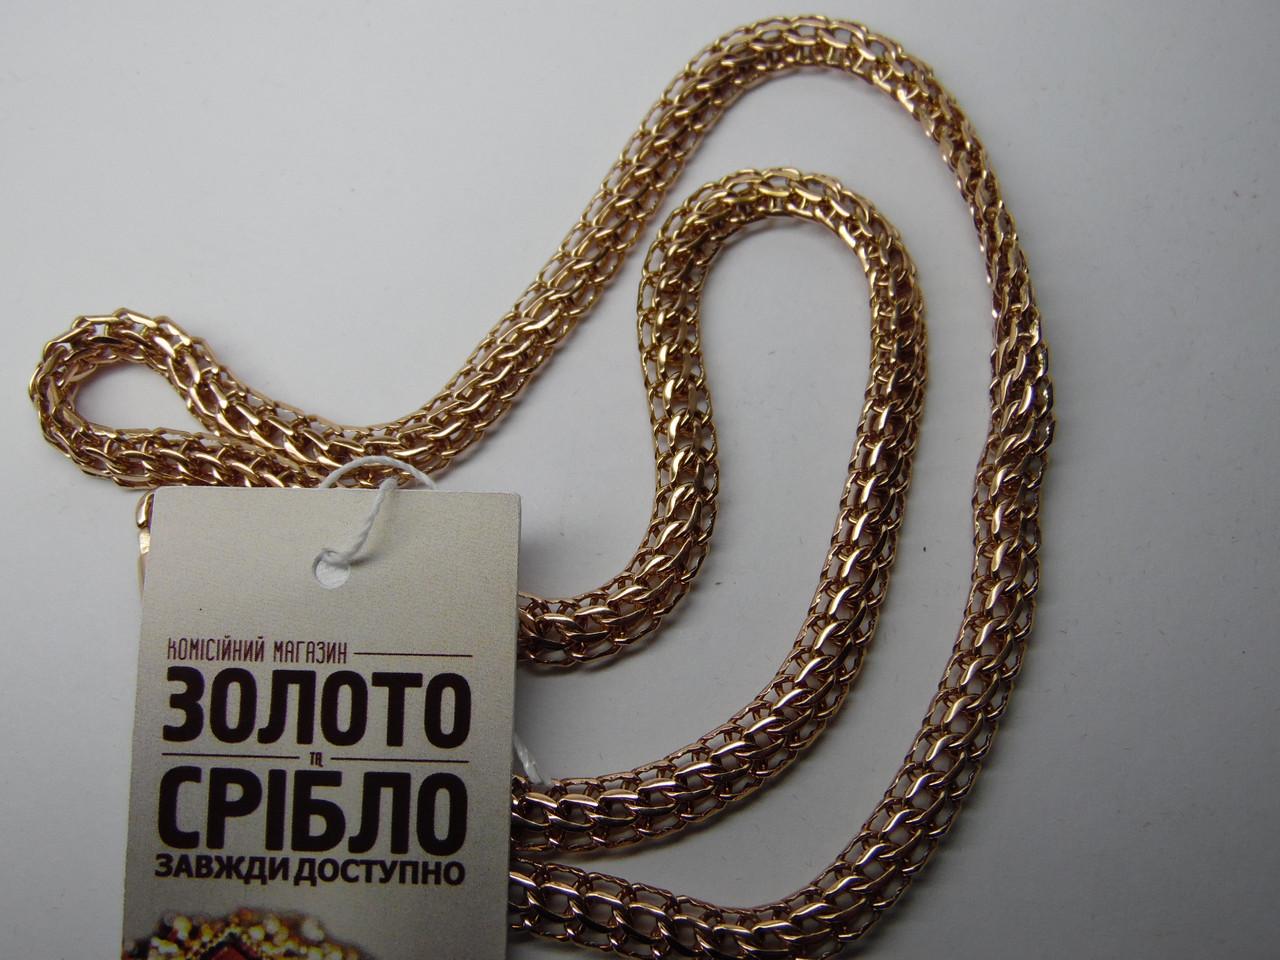 c9223e0df72f Цепь золотая, вес 29,84 грамм, 52 см., цена 28 348 грн., купить в ...